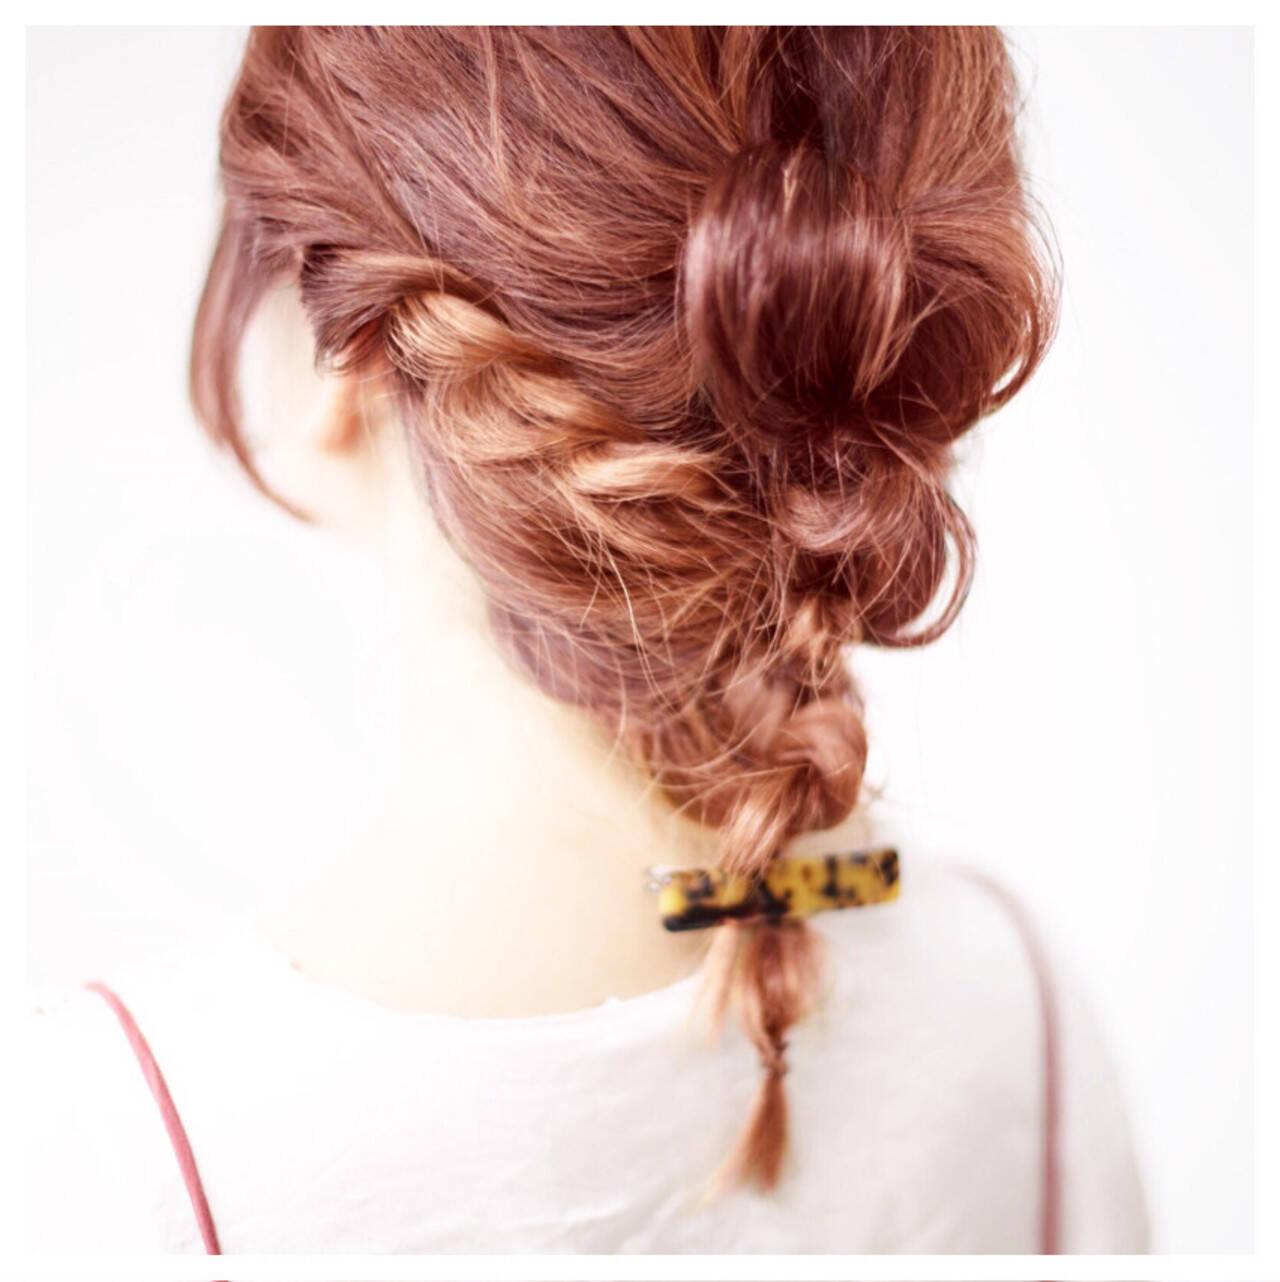 ミディアム ショート ゆるふわ ハイライトヘアスタイルや髪型の写真・画像